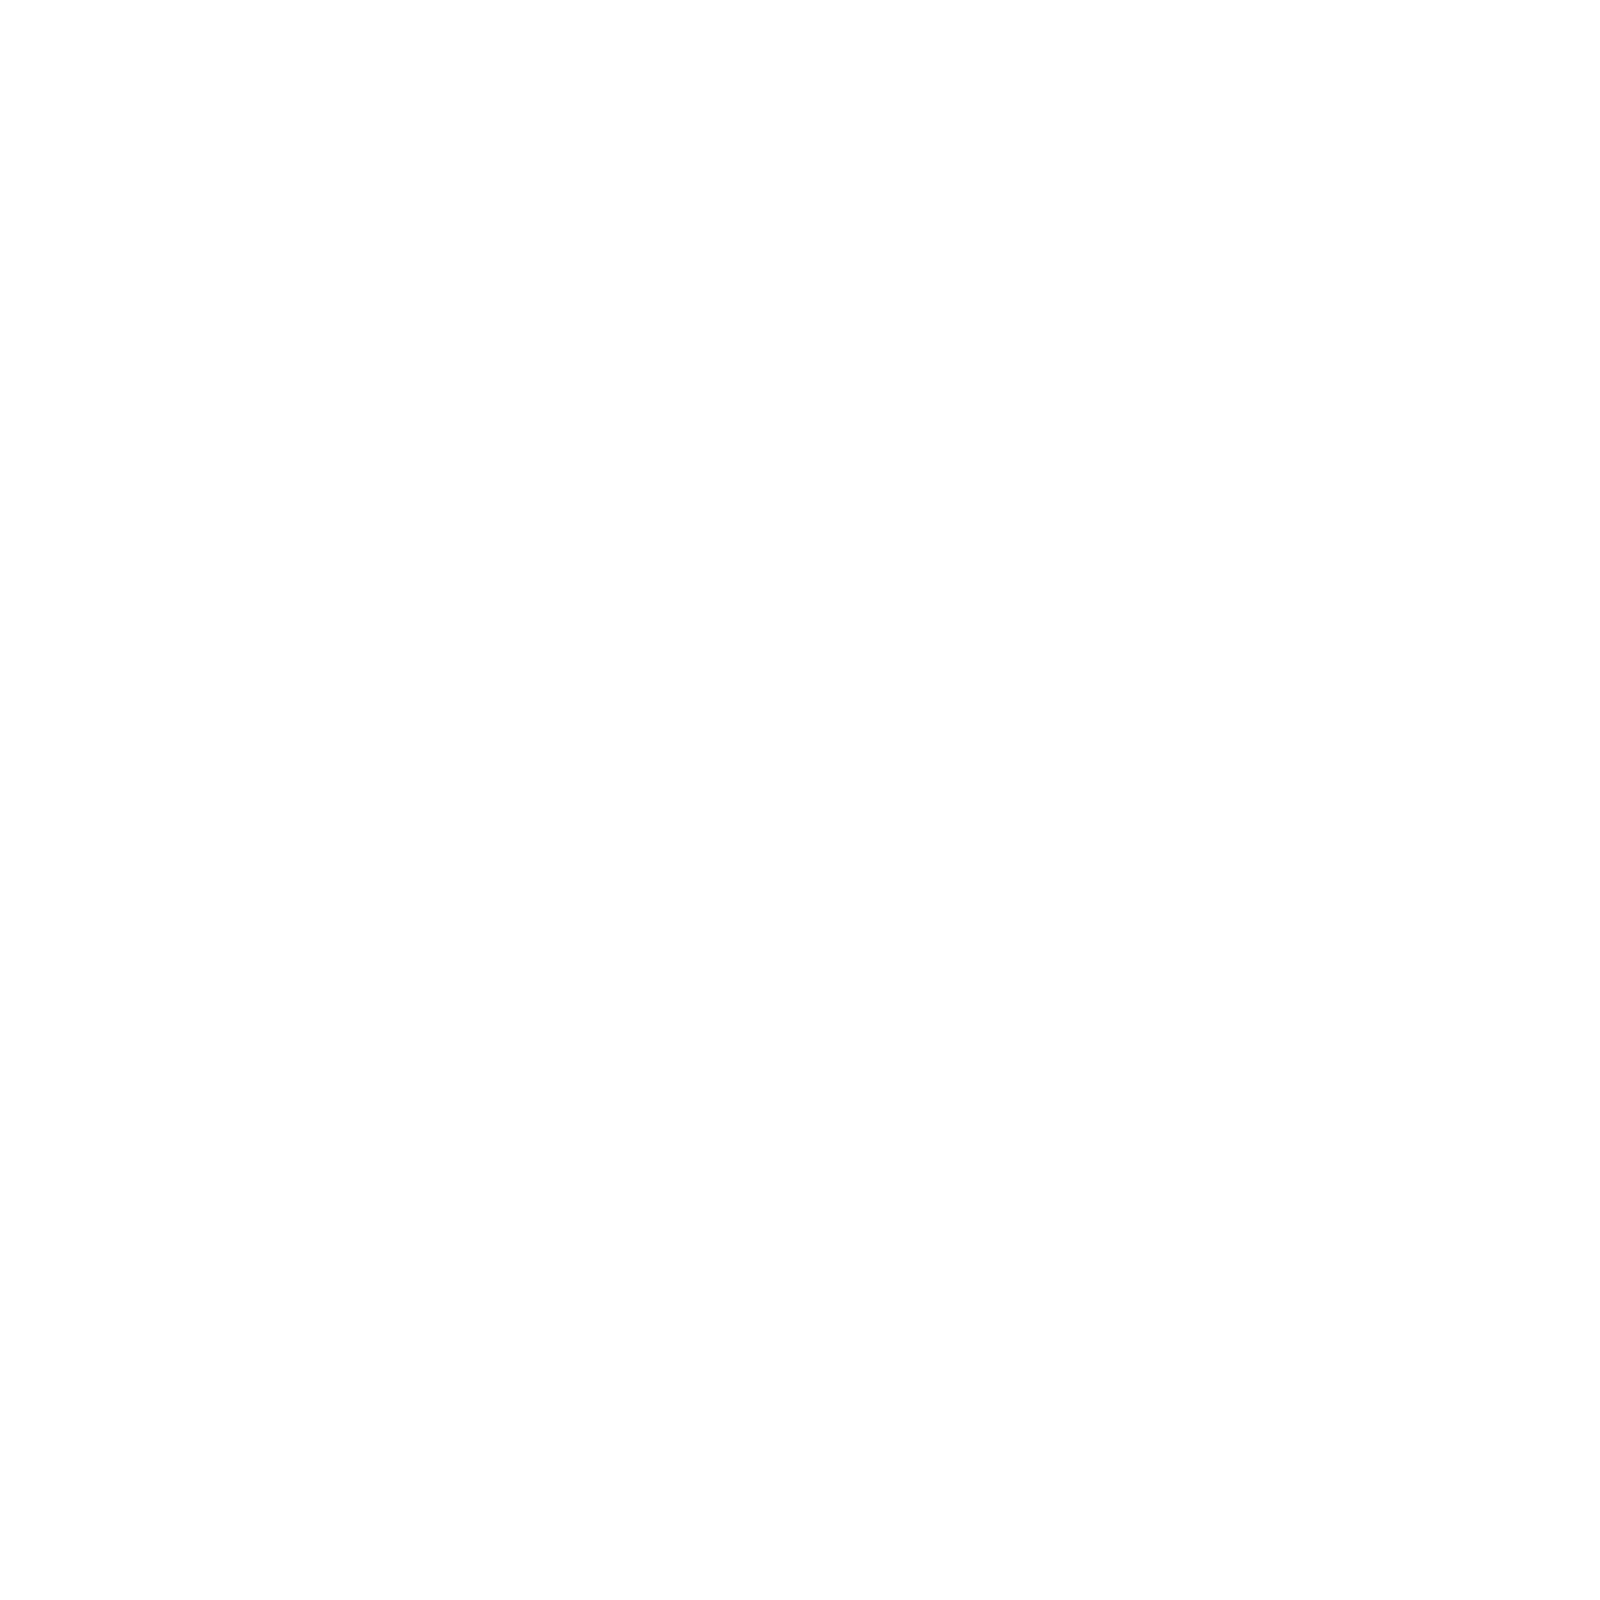 Infomentum-project-logo